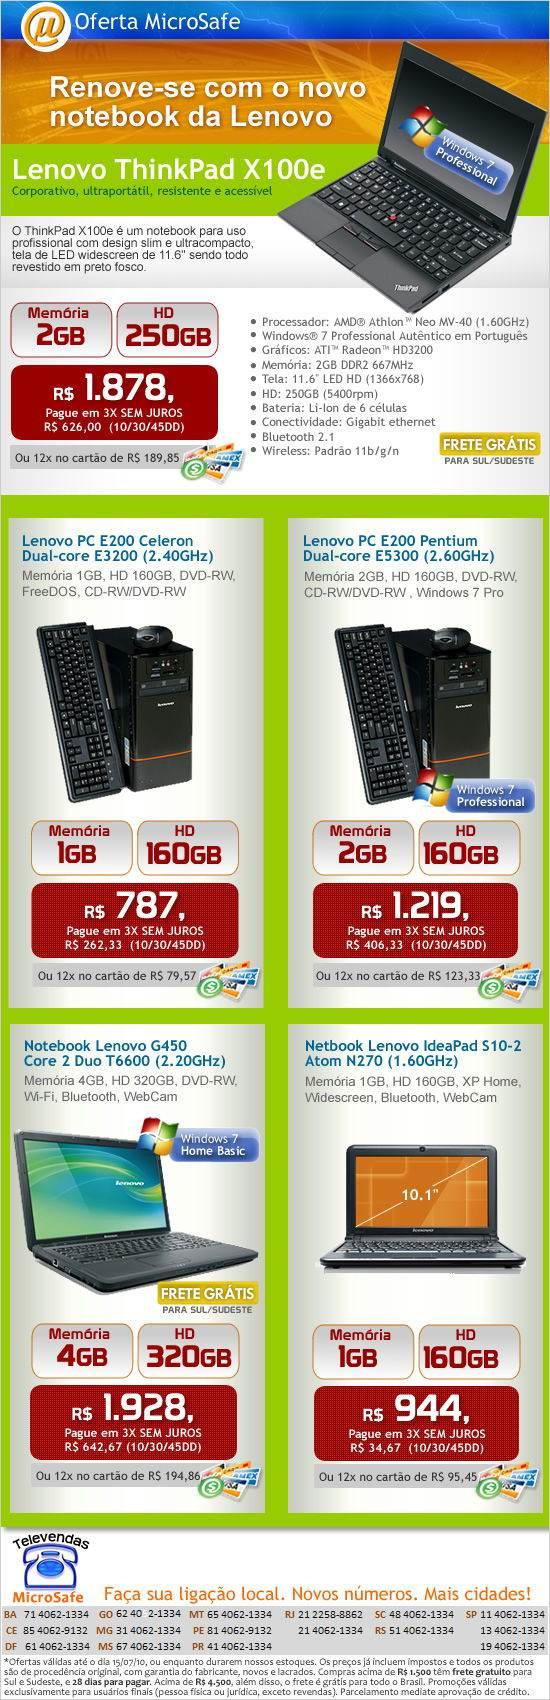 Novo notebook Lenovo ThinkPad X100e